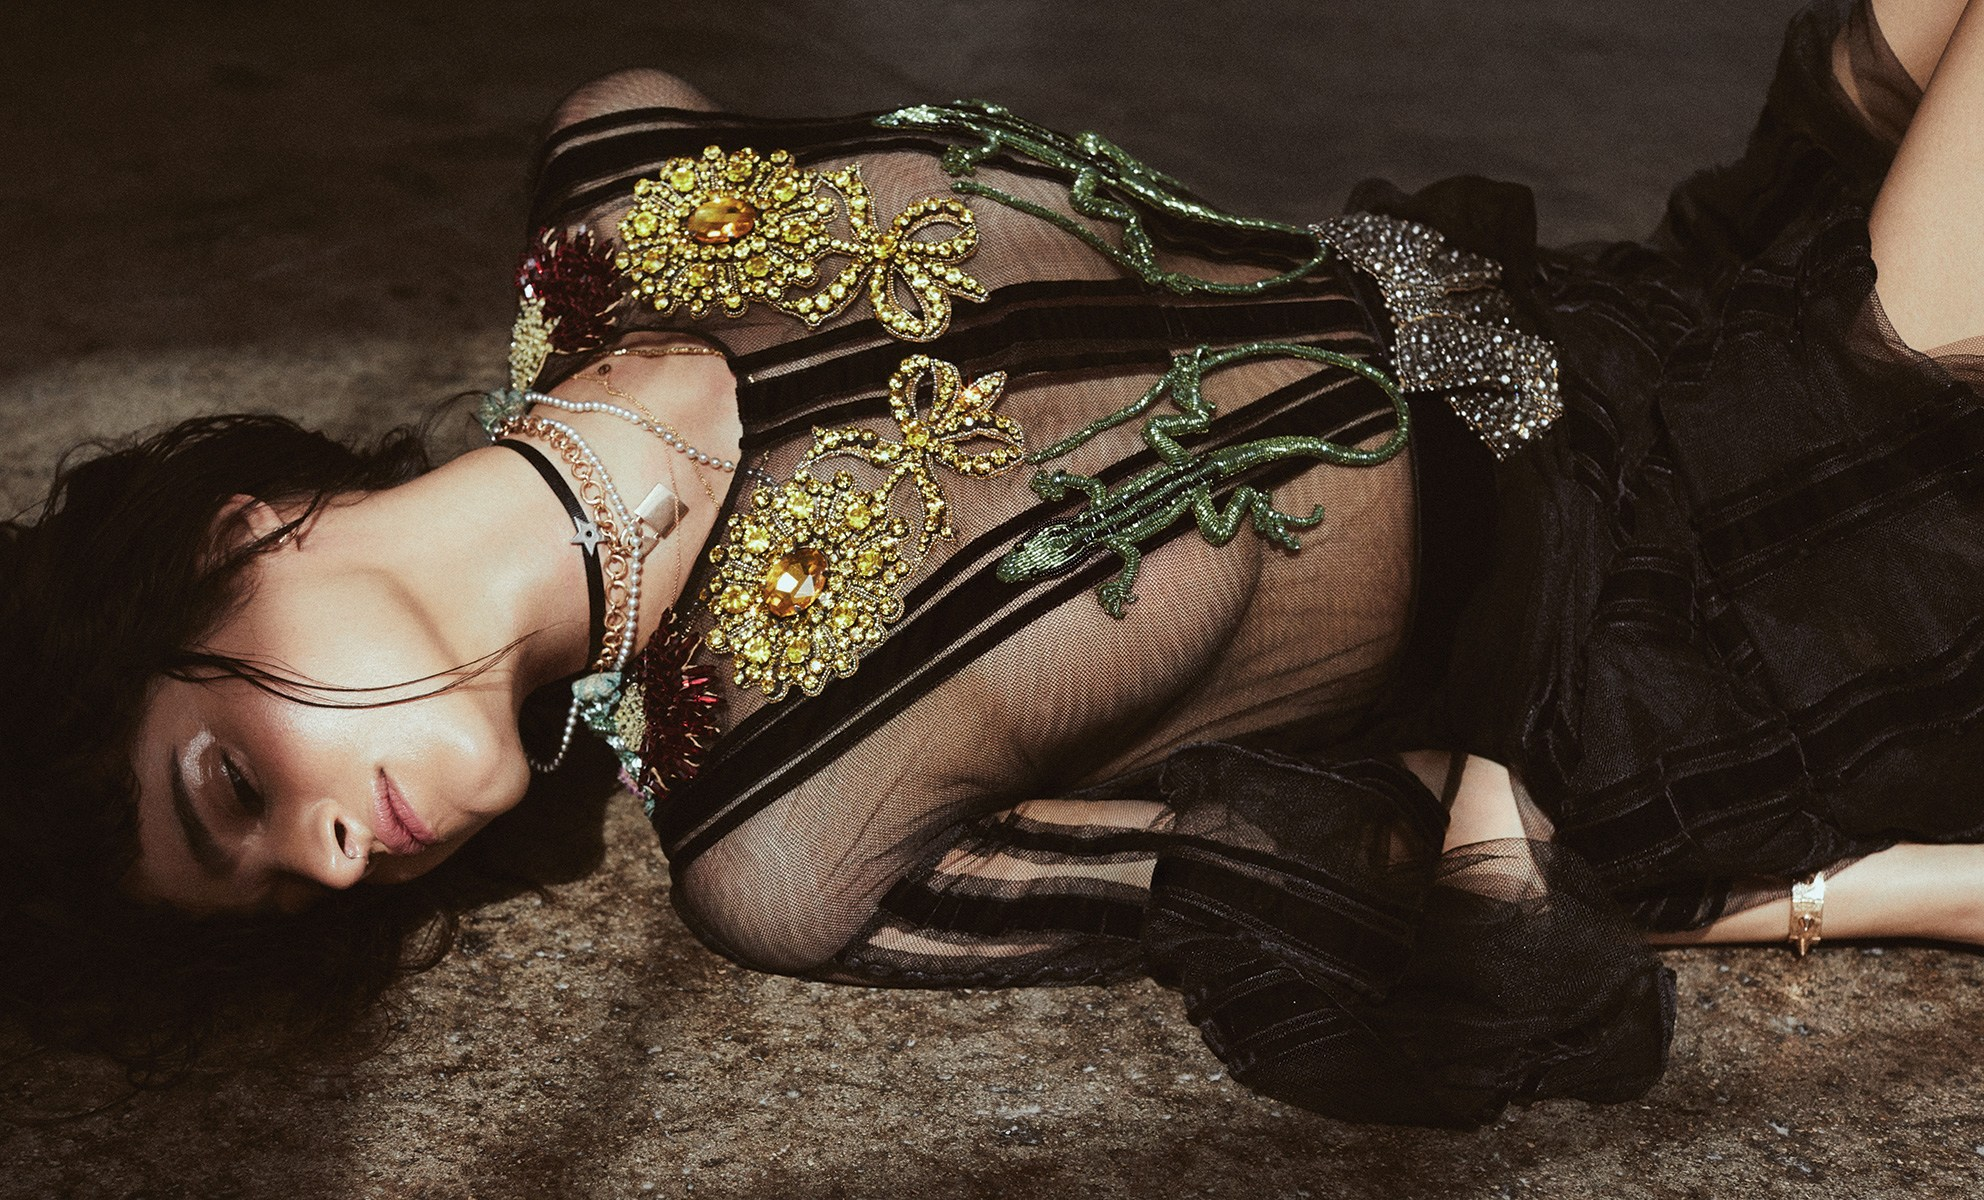 Sofia-Boutella-by-Zoey-Grossman-for-Malibu-Magazine-3.jpg